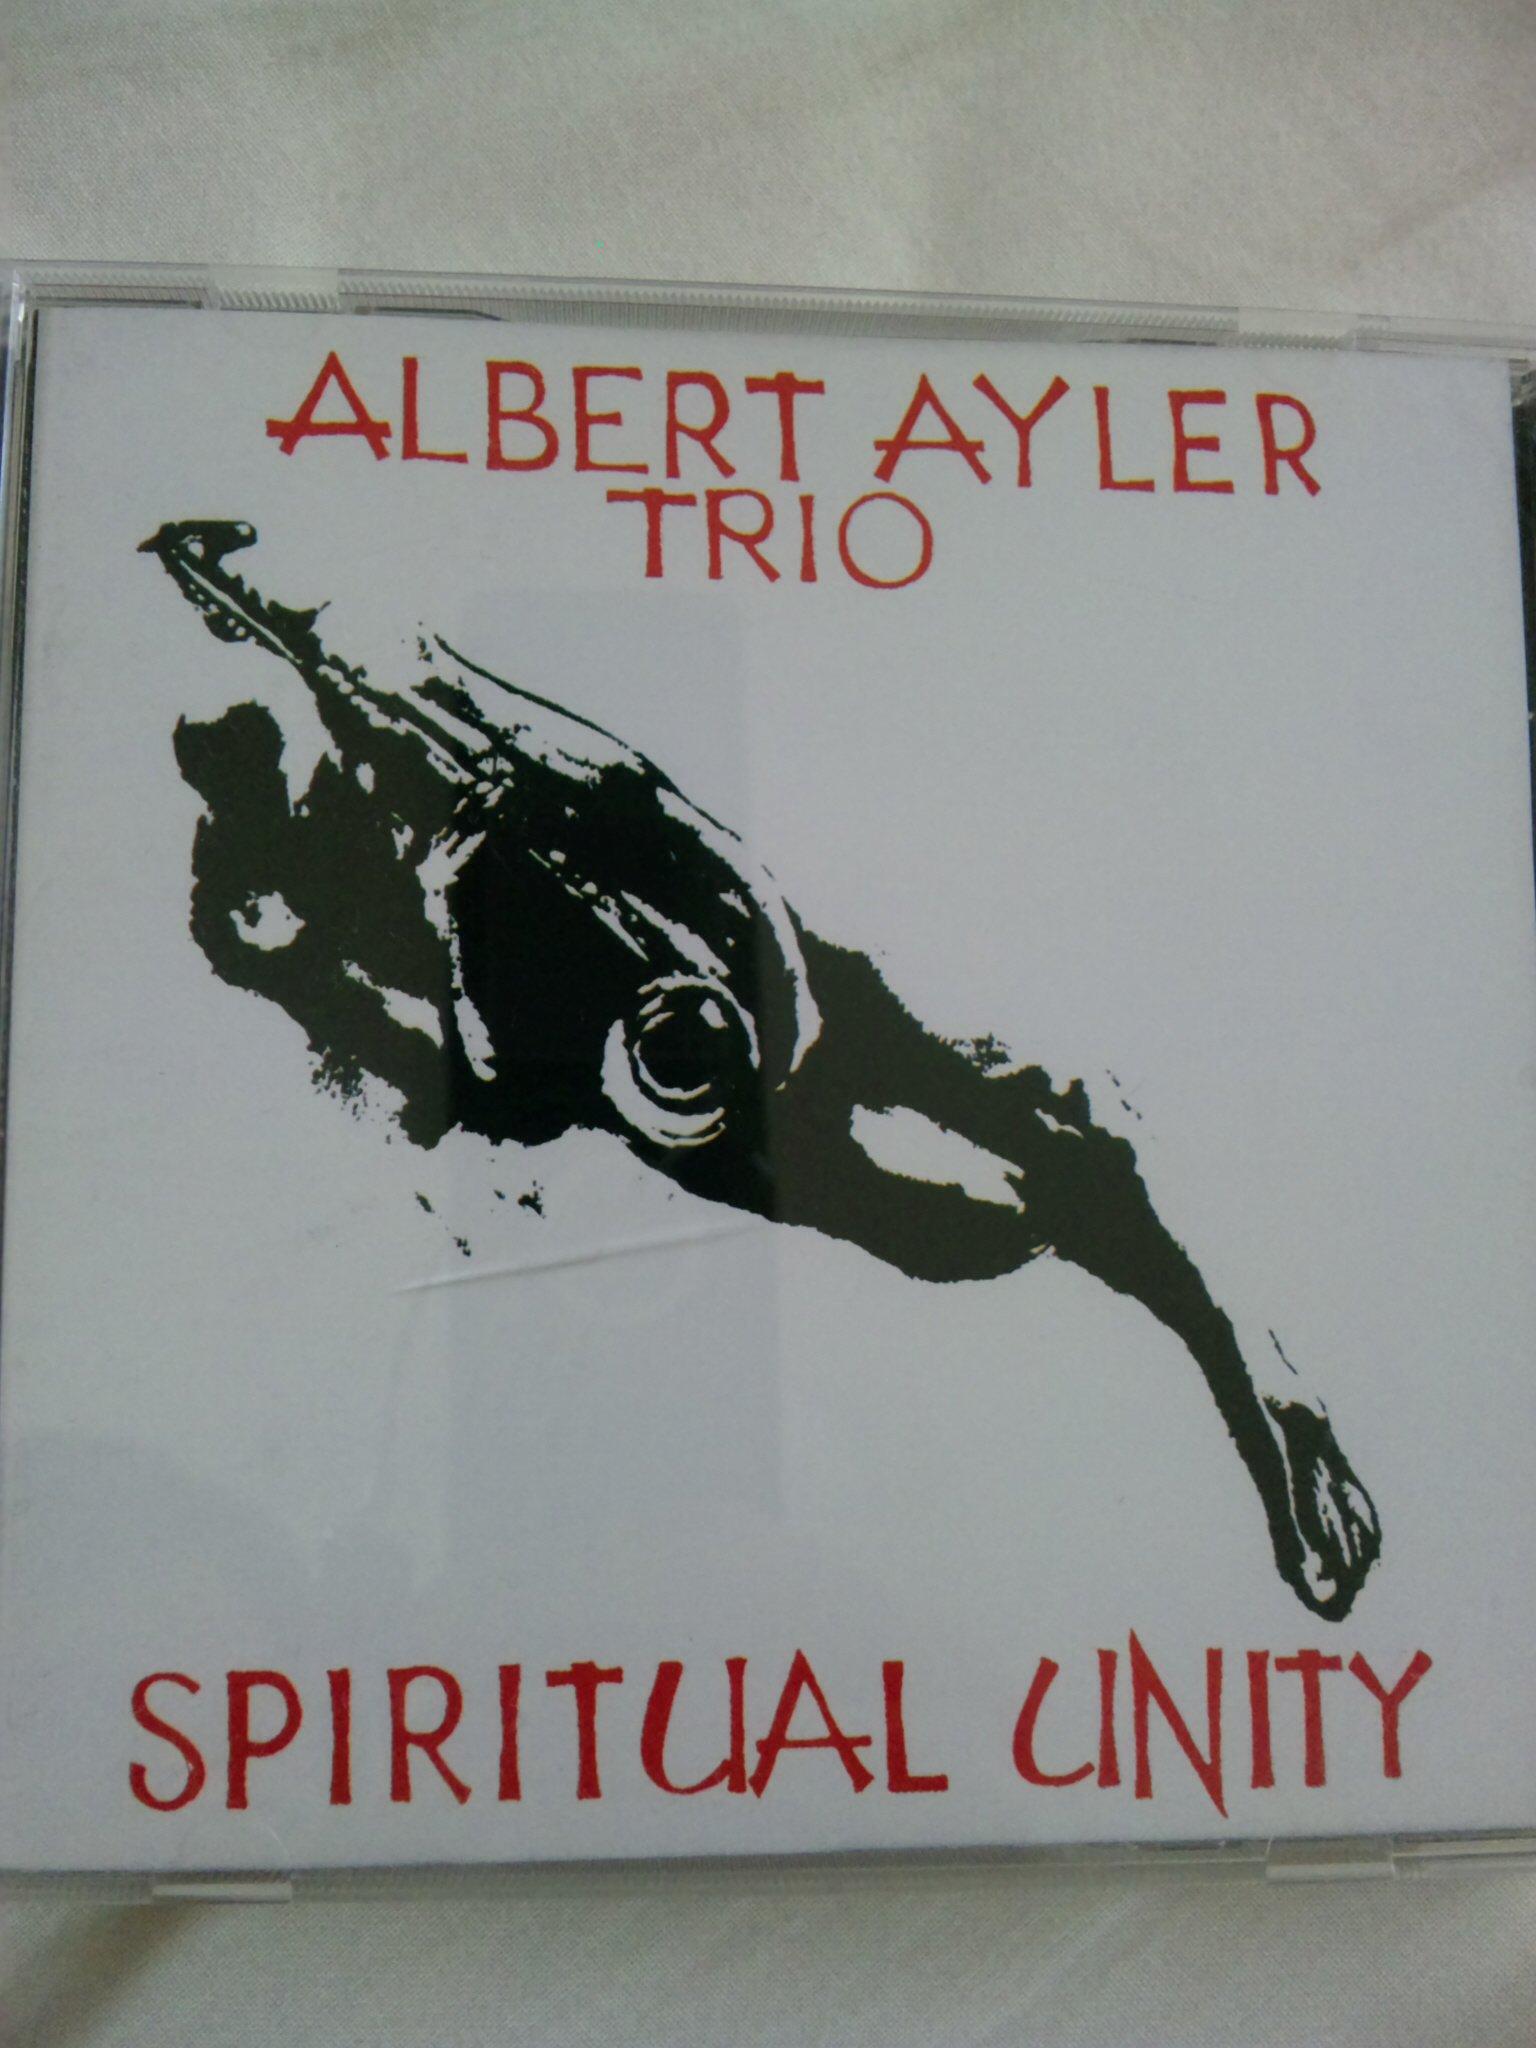 ALBERT AYLER TRIO/SPIRITUAL UNITY